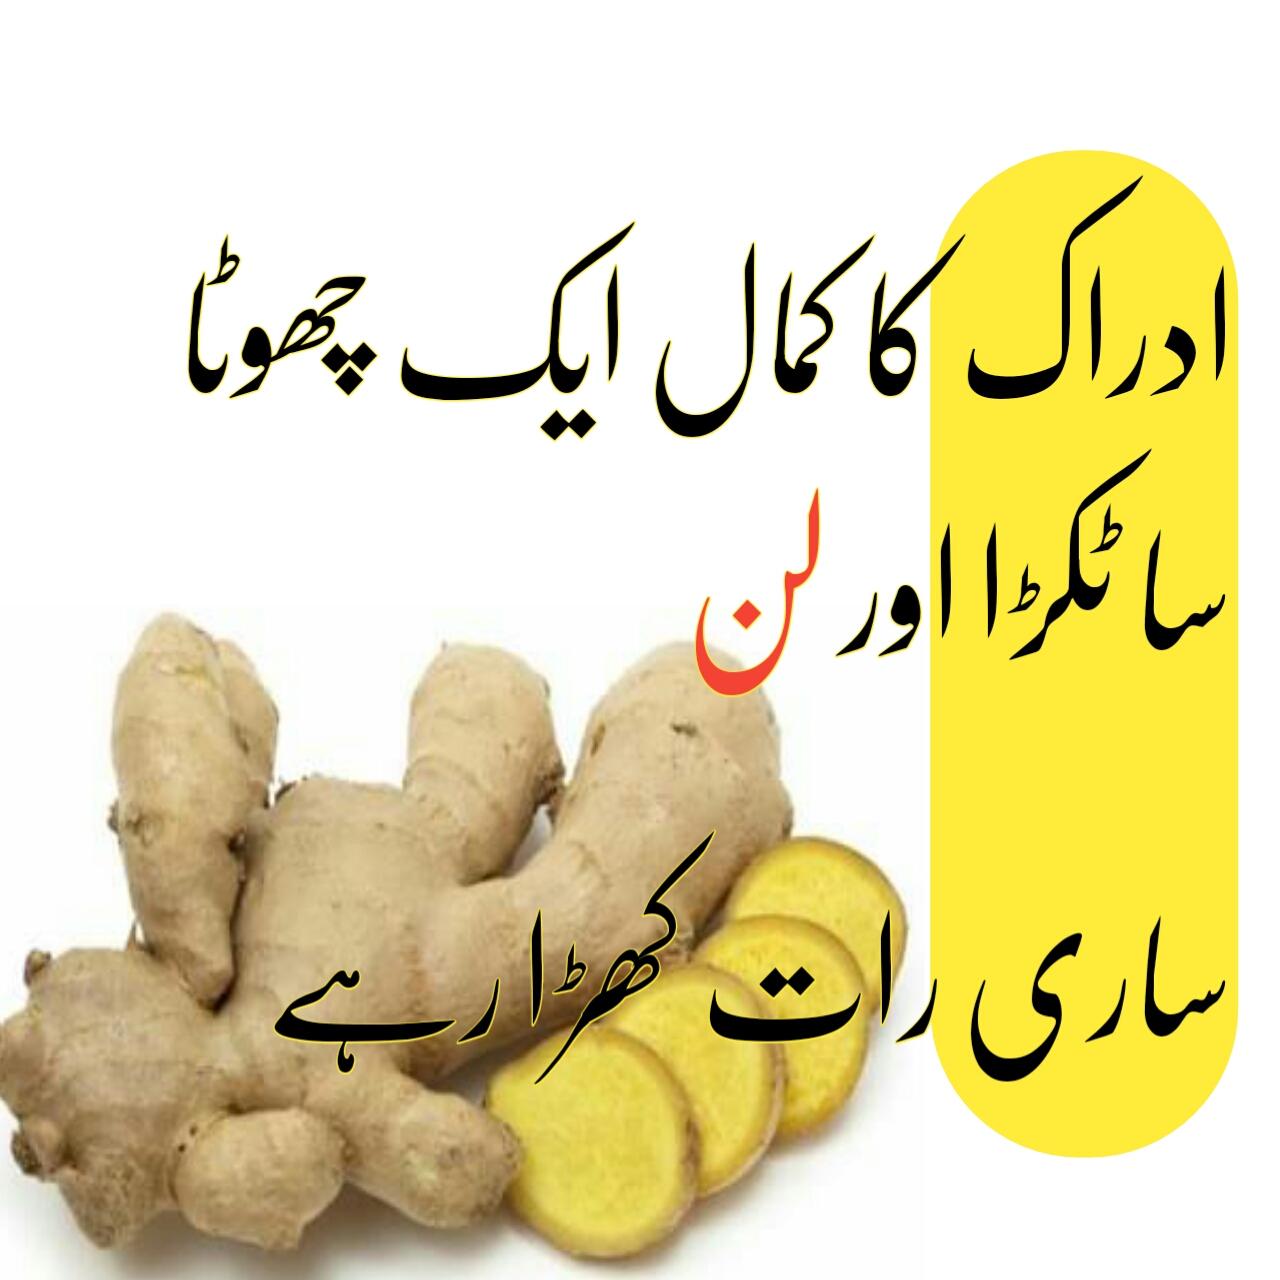 لن اور Desi Health Tips Free: A small piece of ginger perfection ...